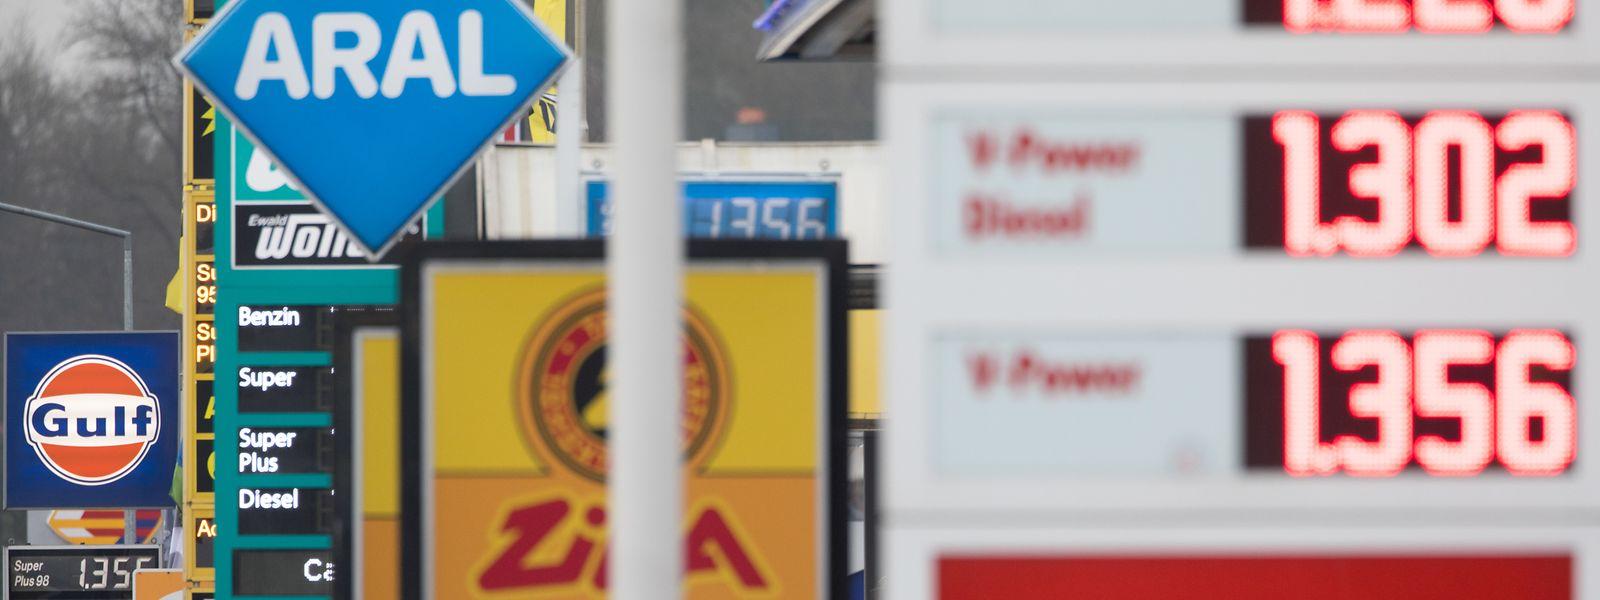 Les tarifs des carburants augmentent, ce mardi, notamment en raison des tensions entre Etats-Unis et Iran.